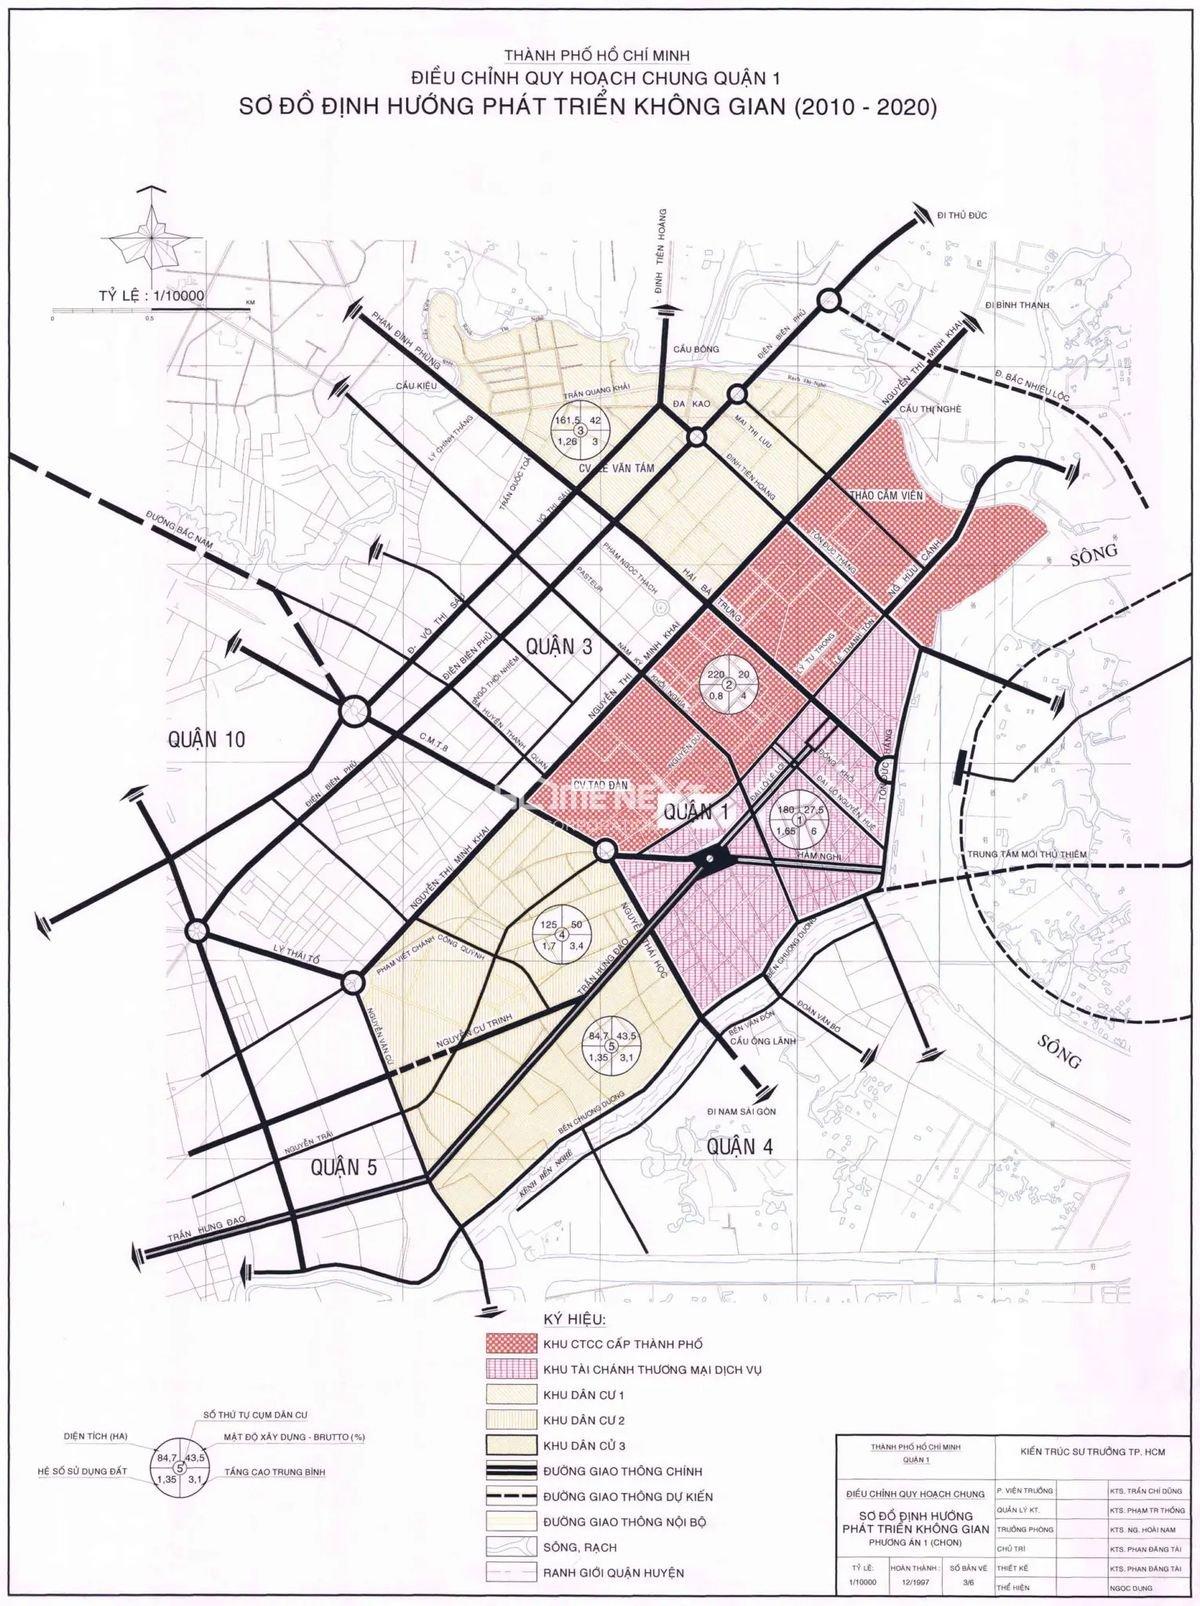 Bản đồ quy hoạch chung quận 1, thành phố Hồ Chí Minh